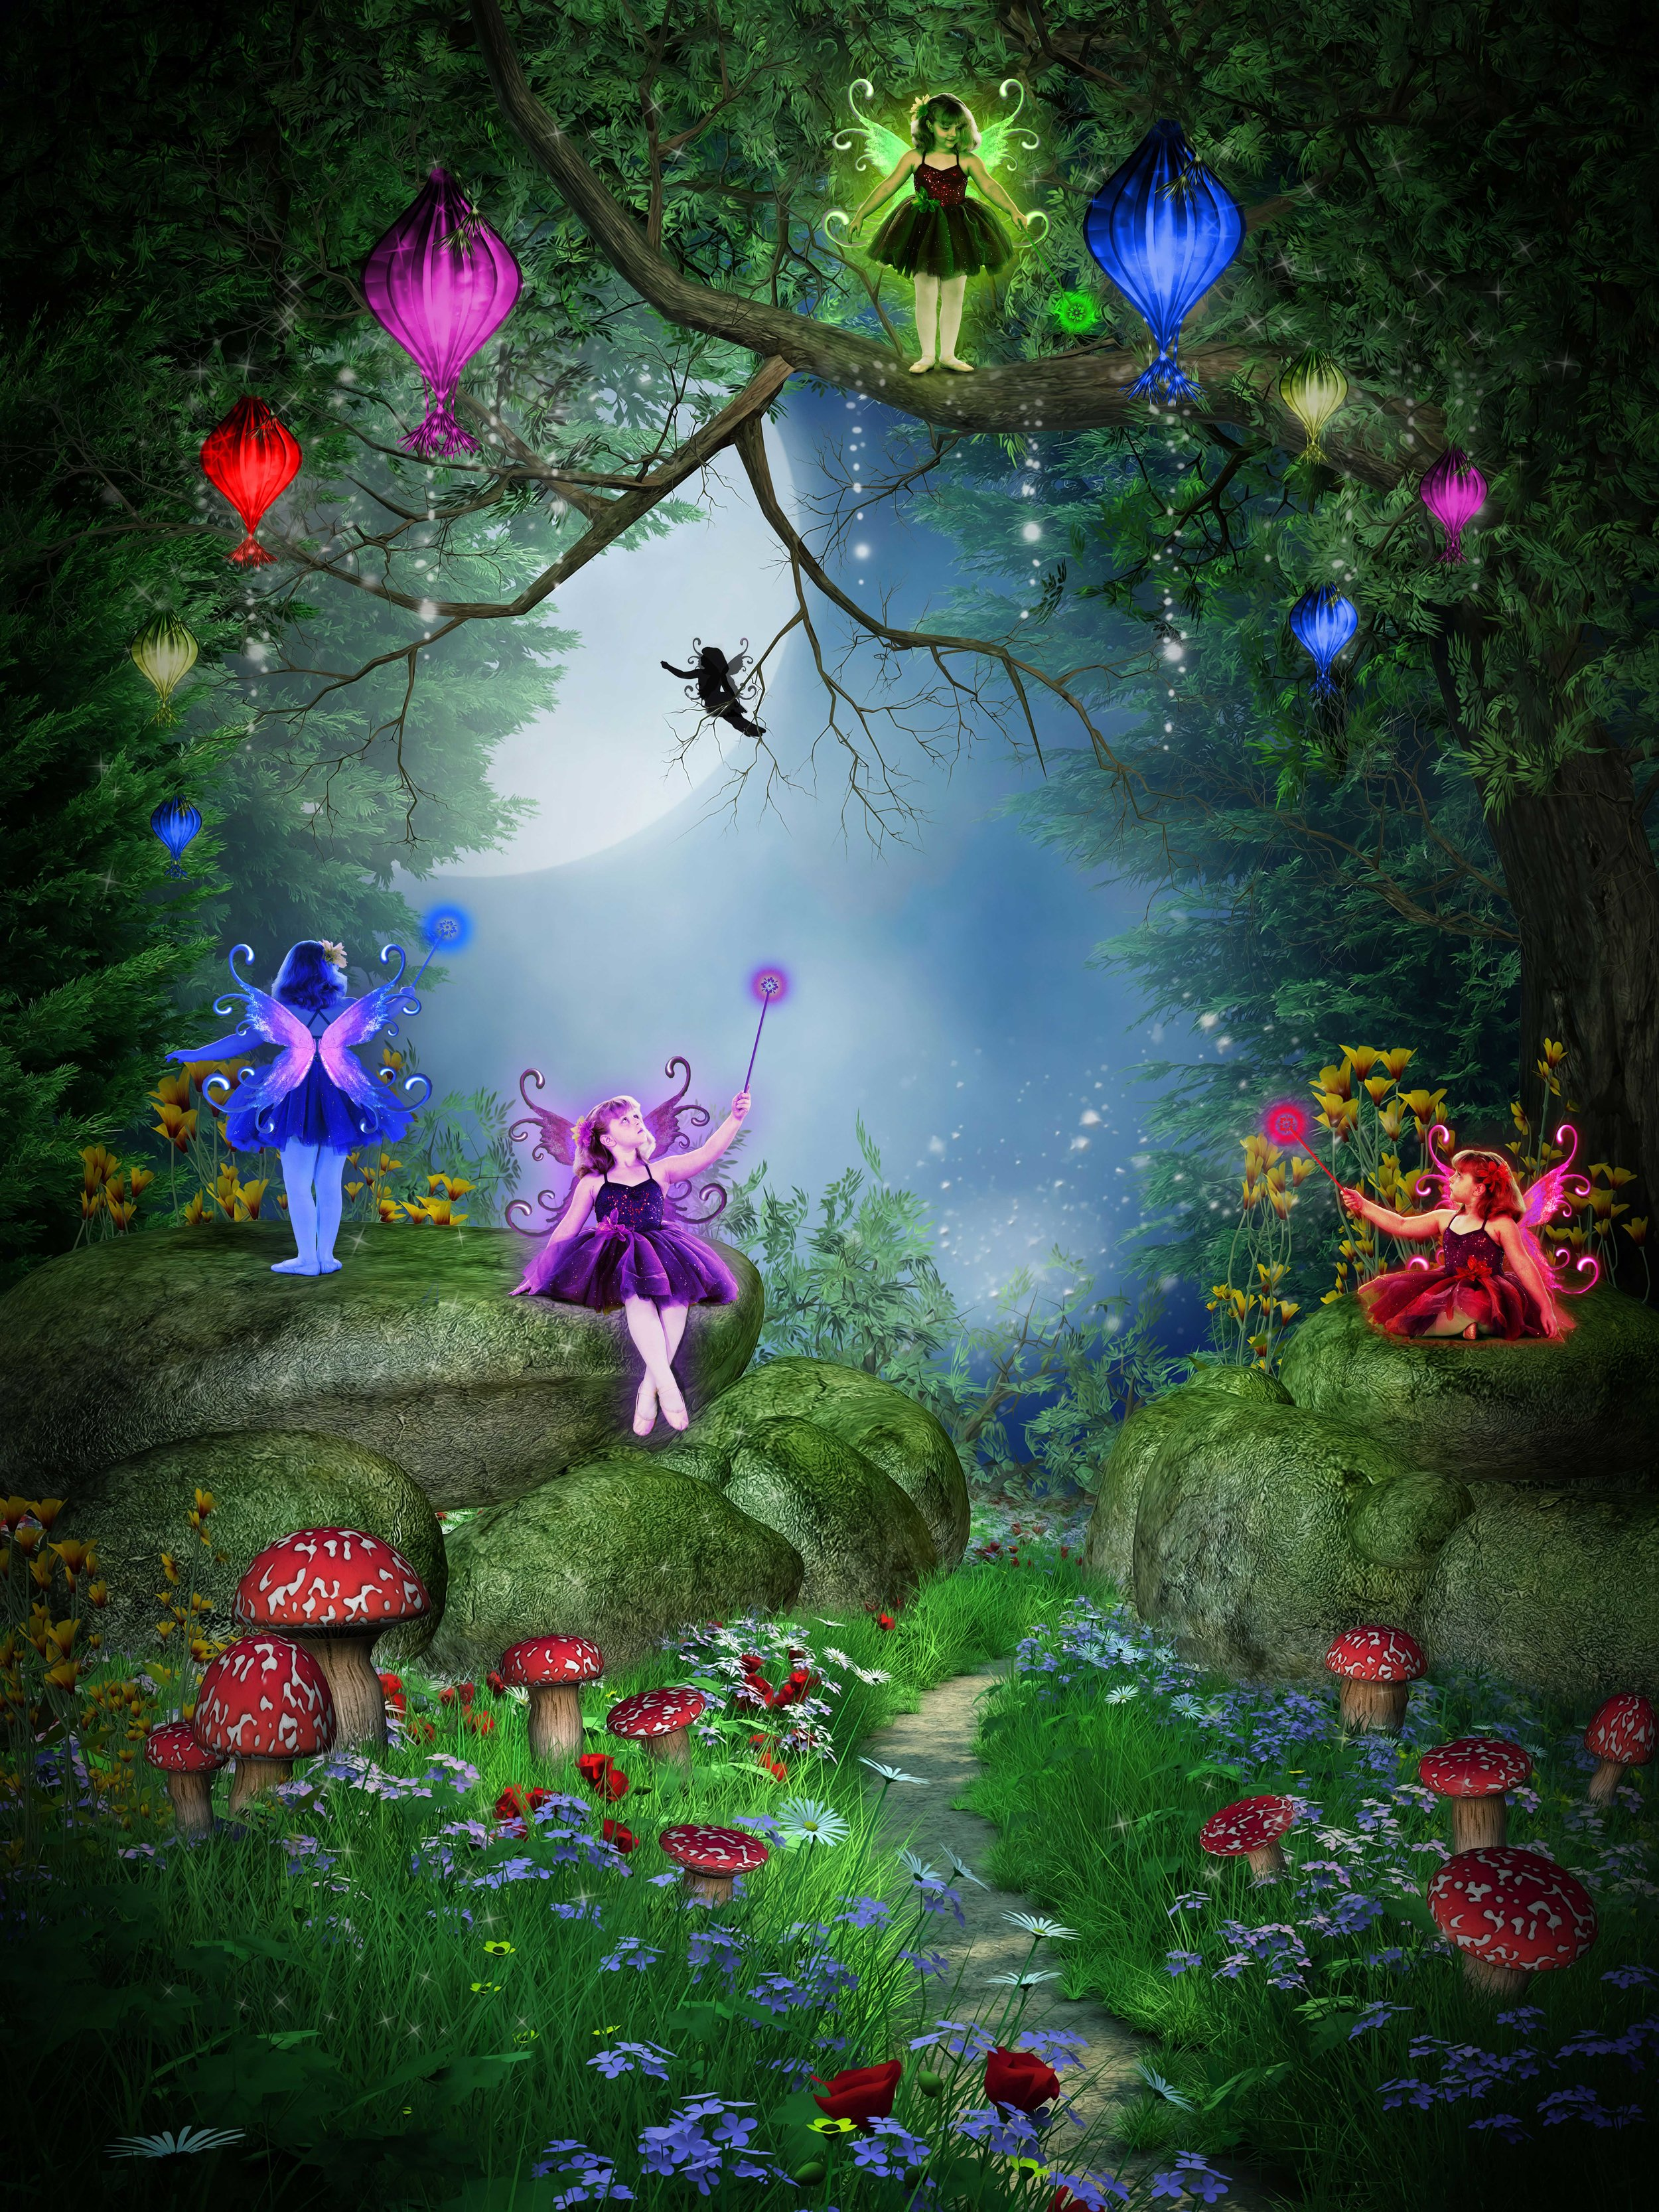 The Fairies